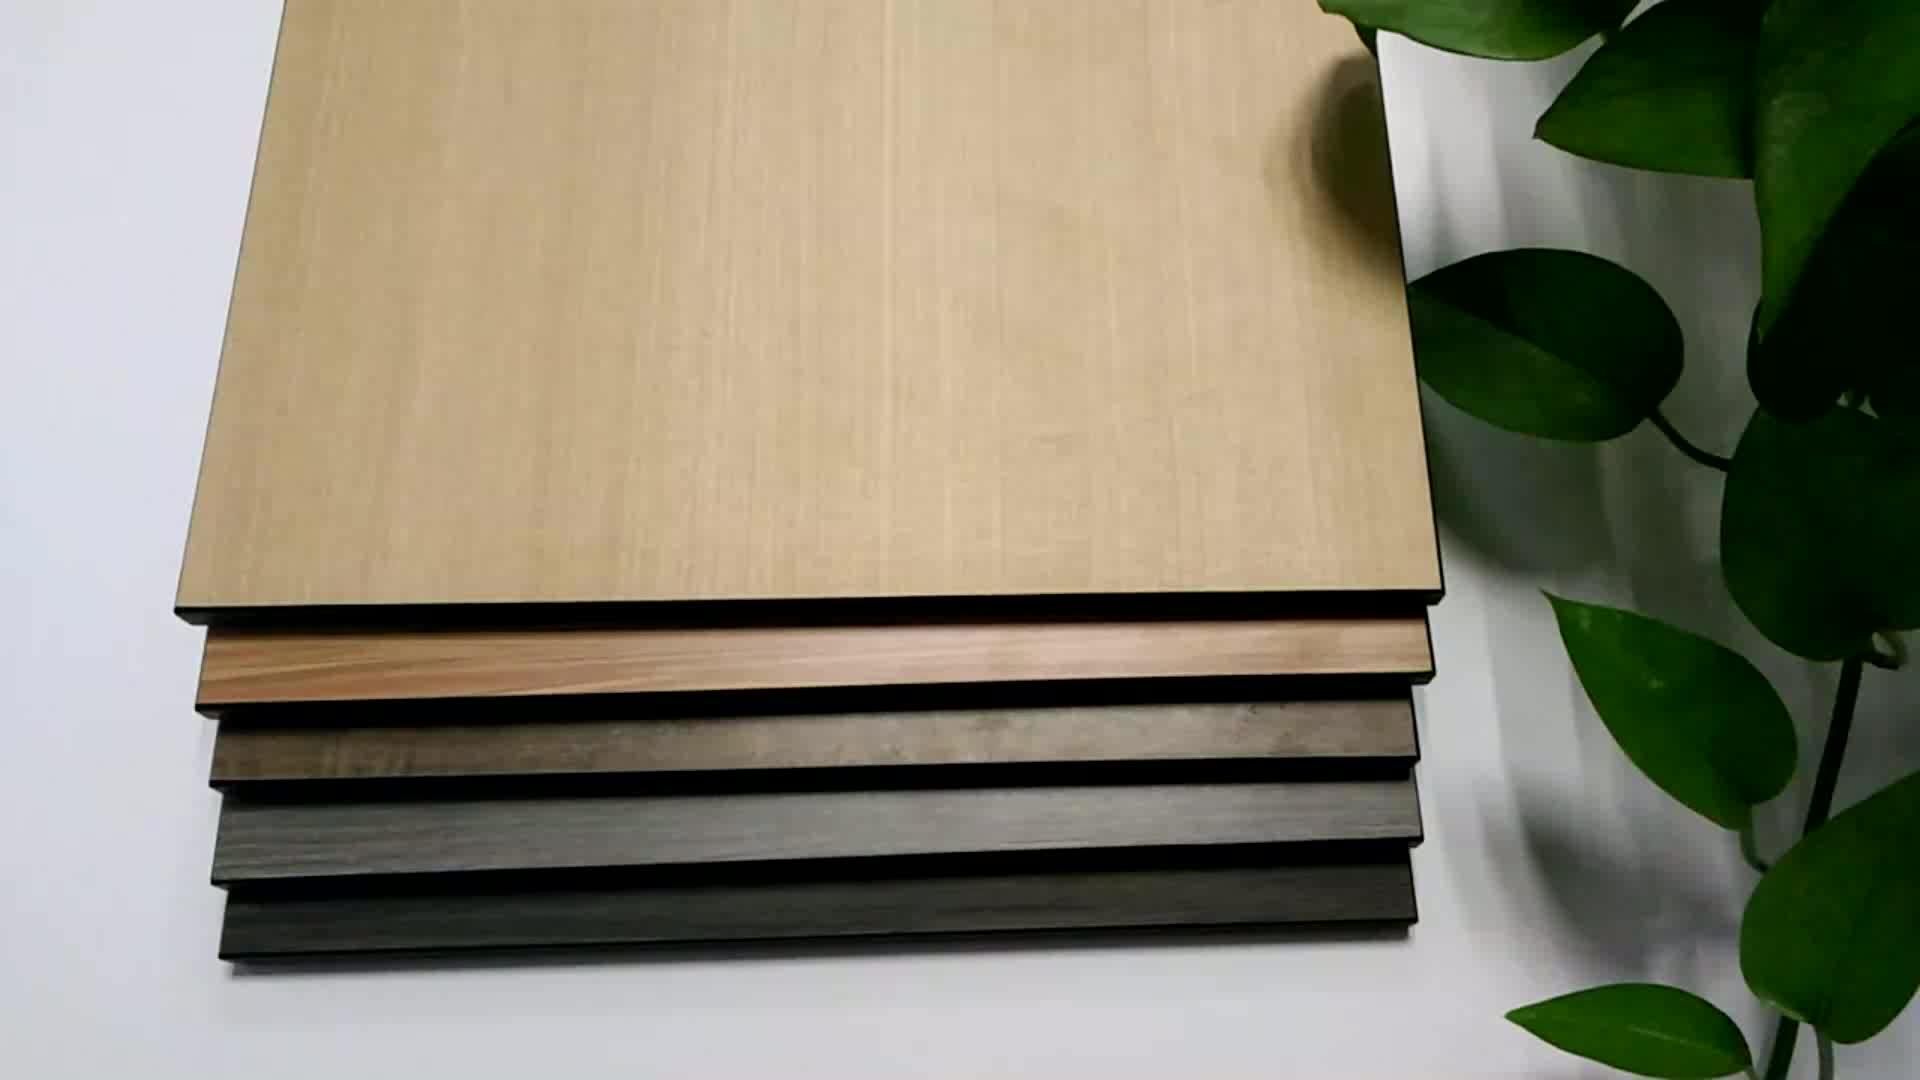 تصميم بسيط أنيق المضادة للأشعة فوق البنفسجية هبل الجدار الكسوة